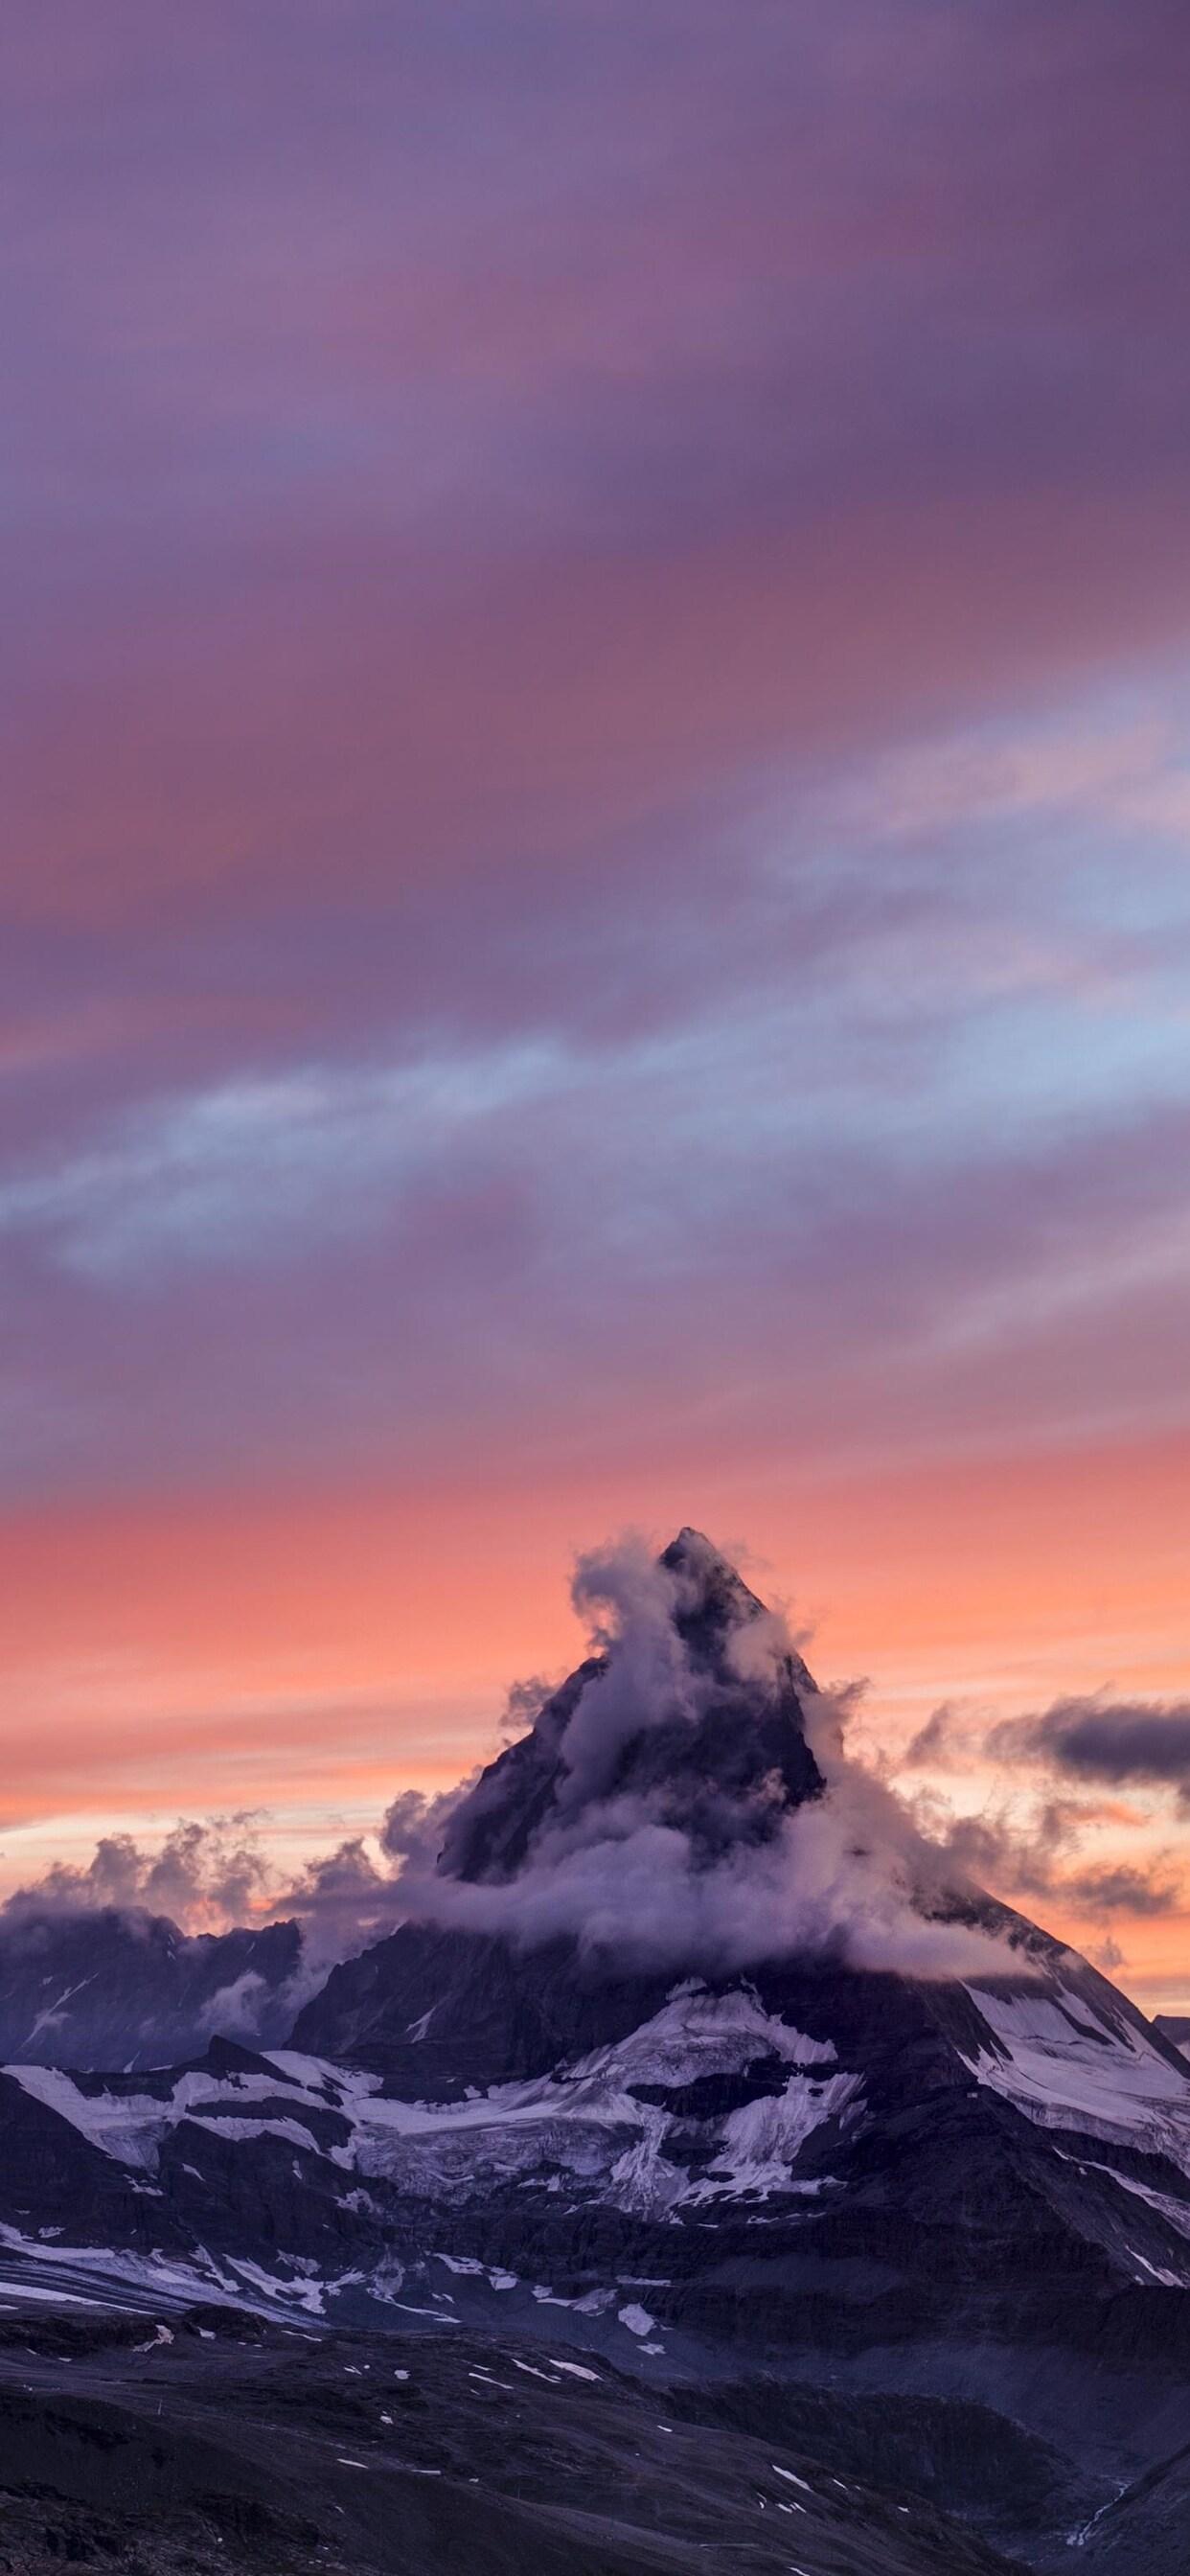 1242x2688 Matterhorn Mountain Iphone Xs Max Hd 4k Wallpapers